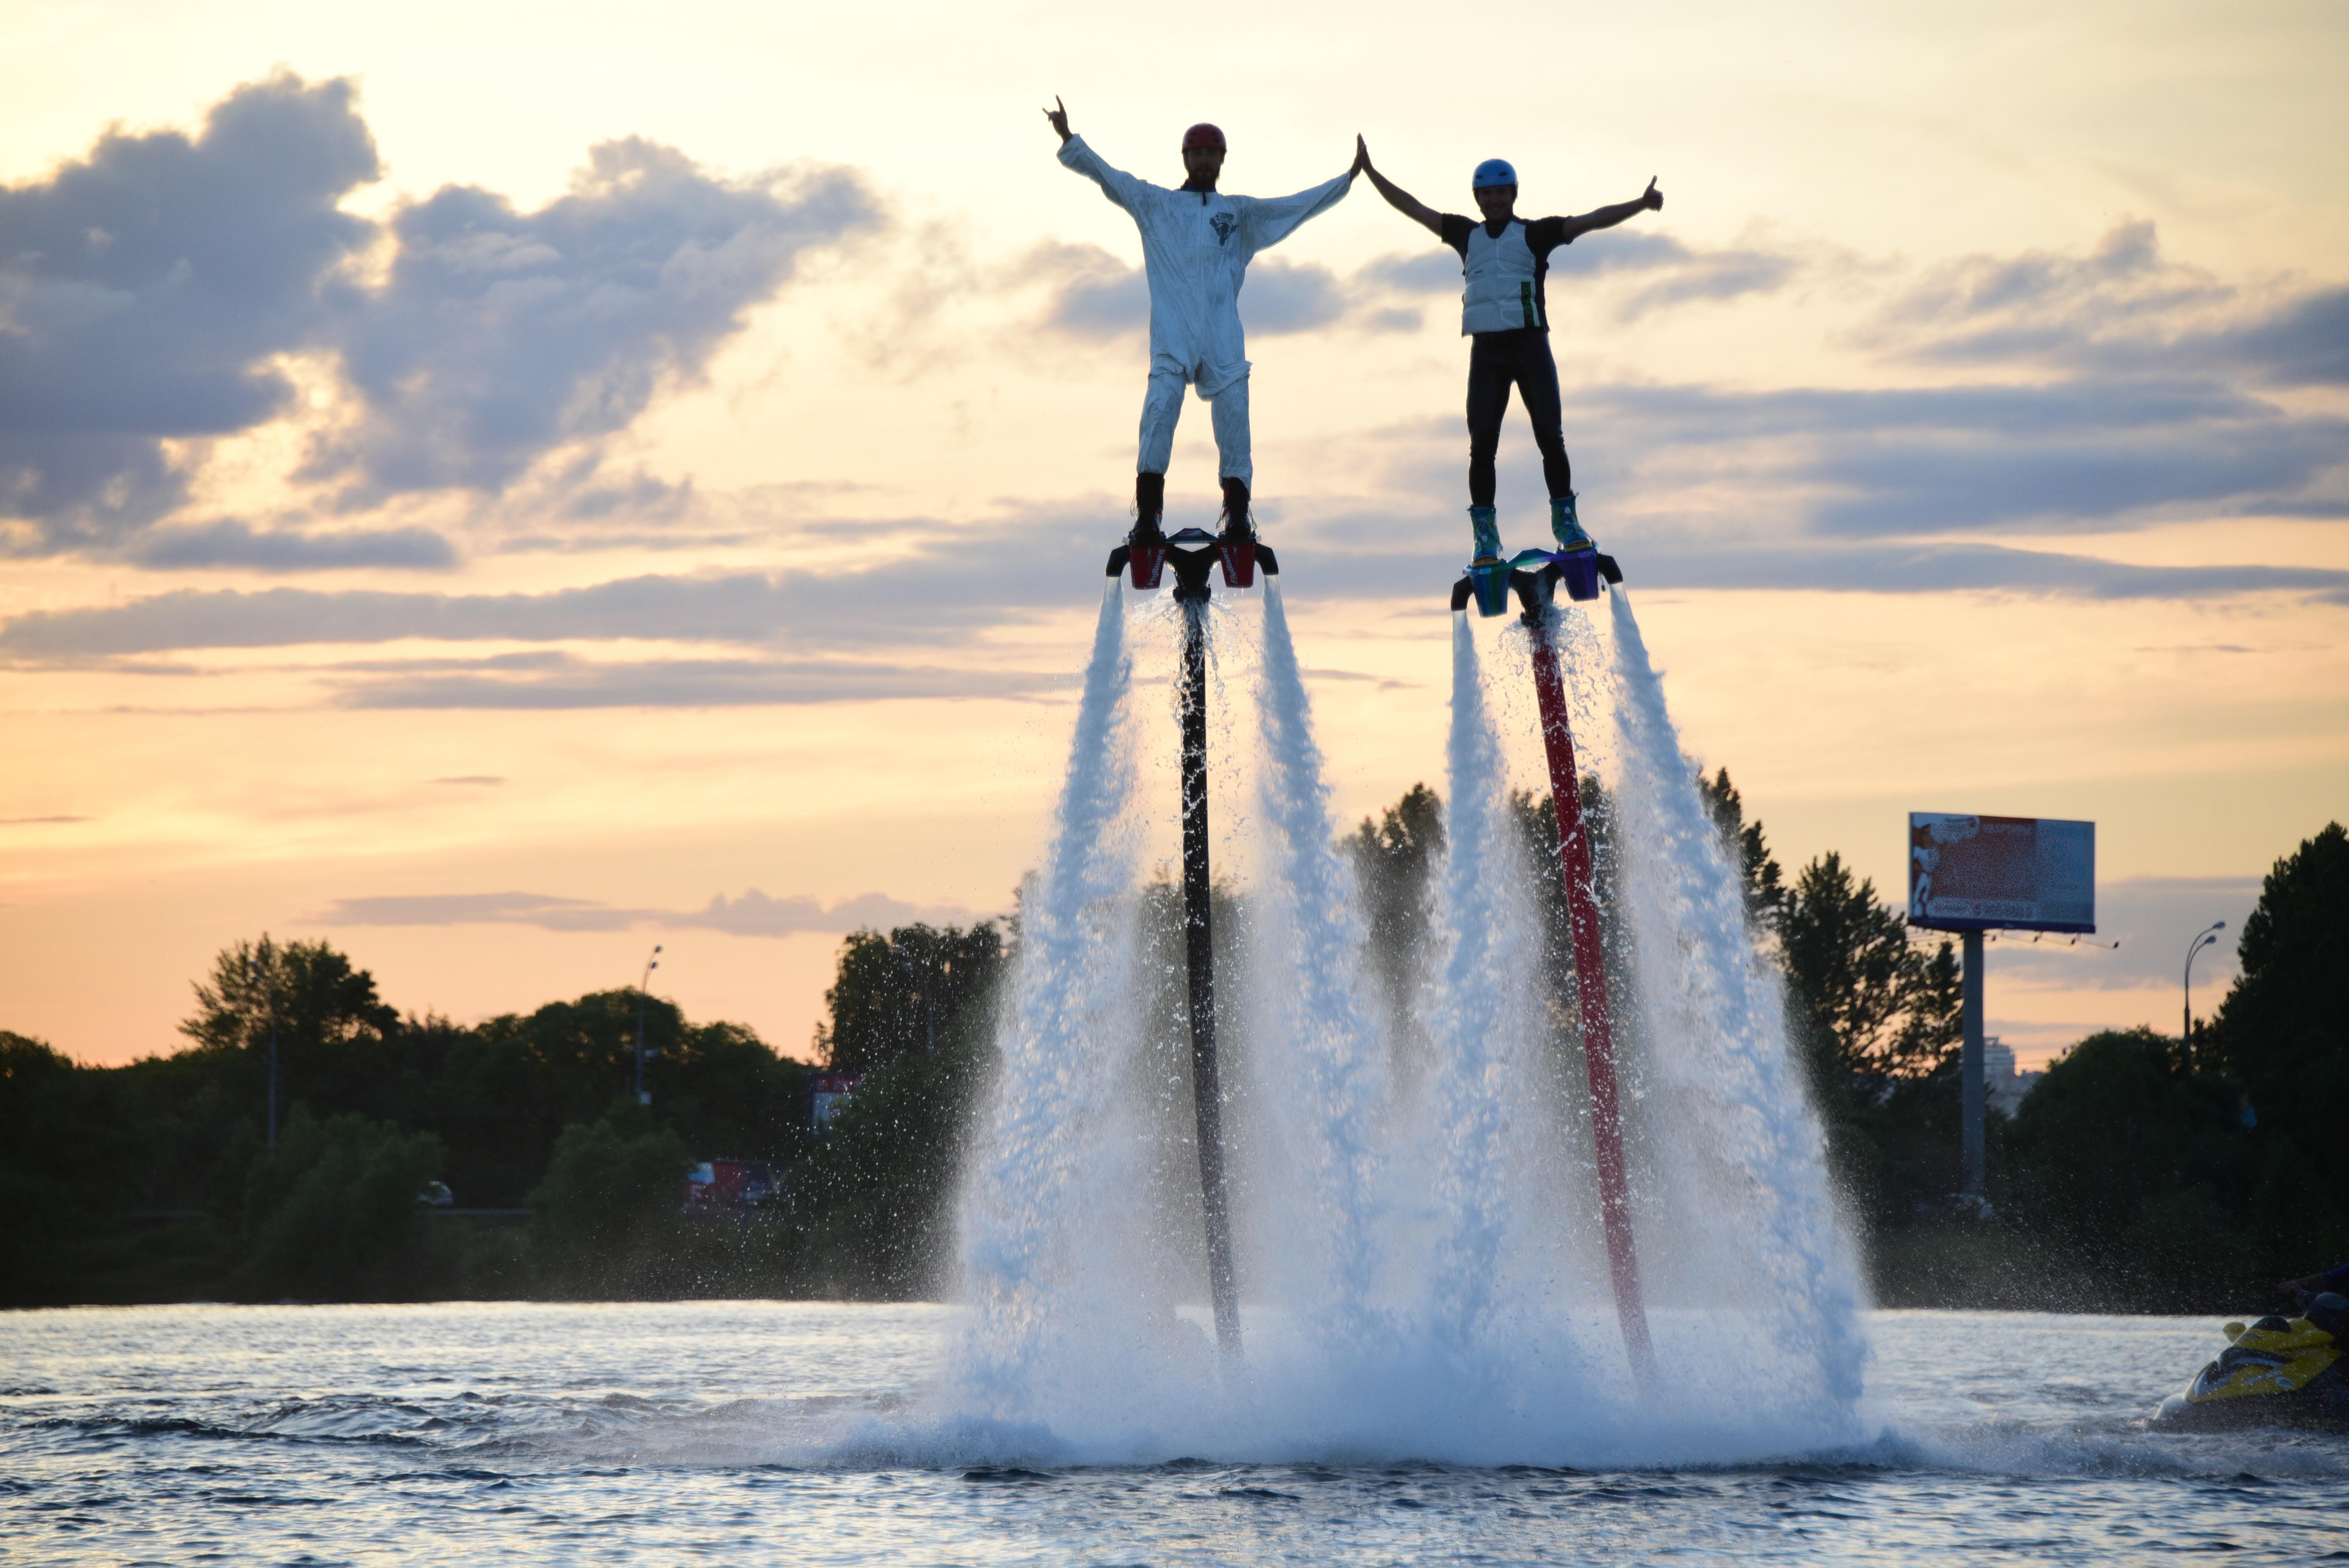 Сапсерферы и флайбордисты выступят на Водоотводном канале в Москве